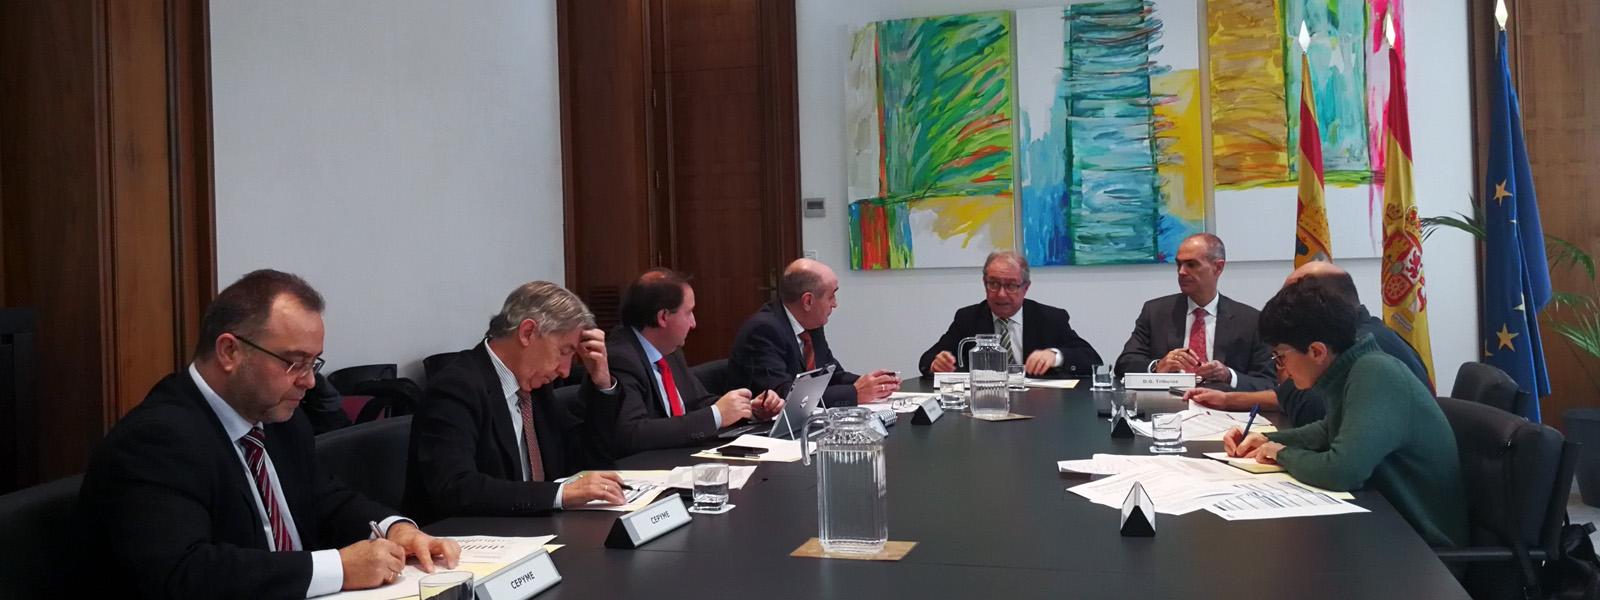 Reunión con el consejero de Hacienda y Administración Pública del Gobierno de Aragón, Fernando Gimeno